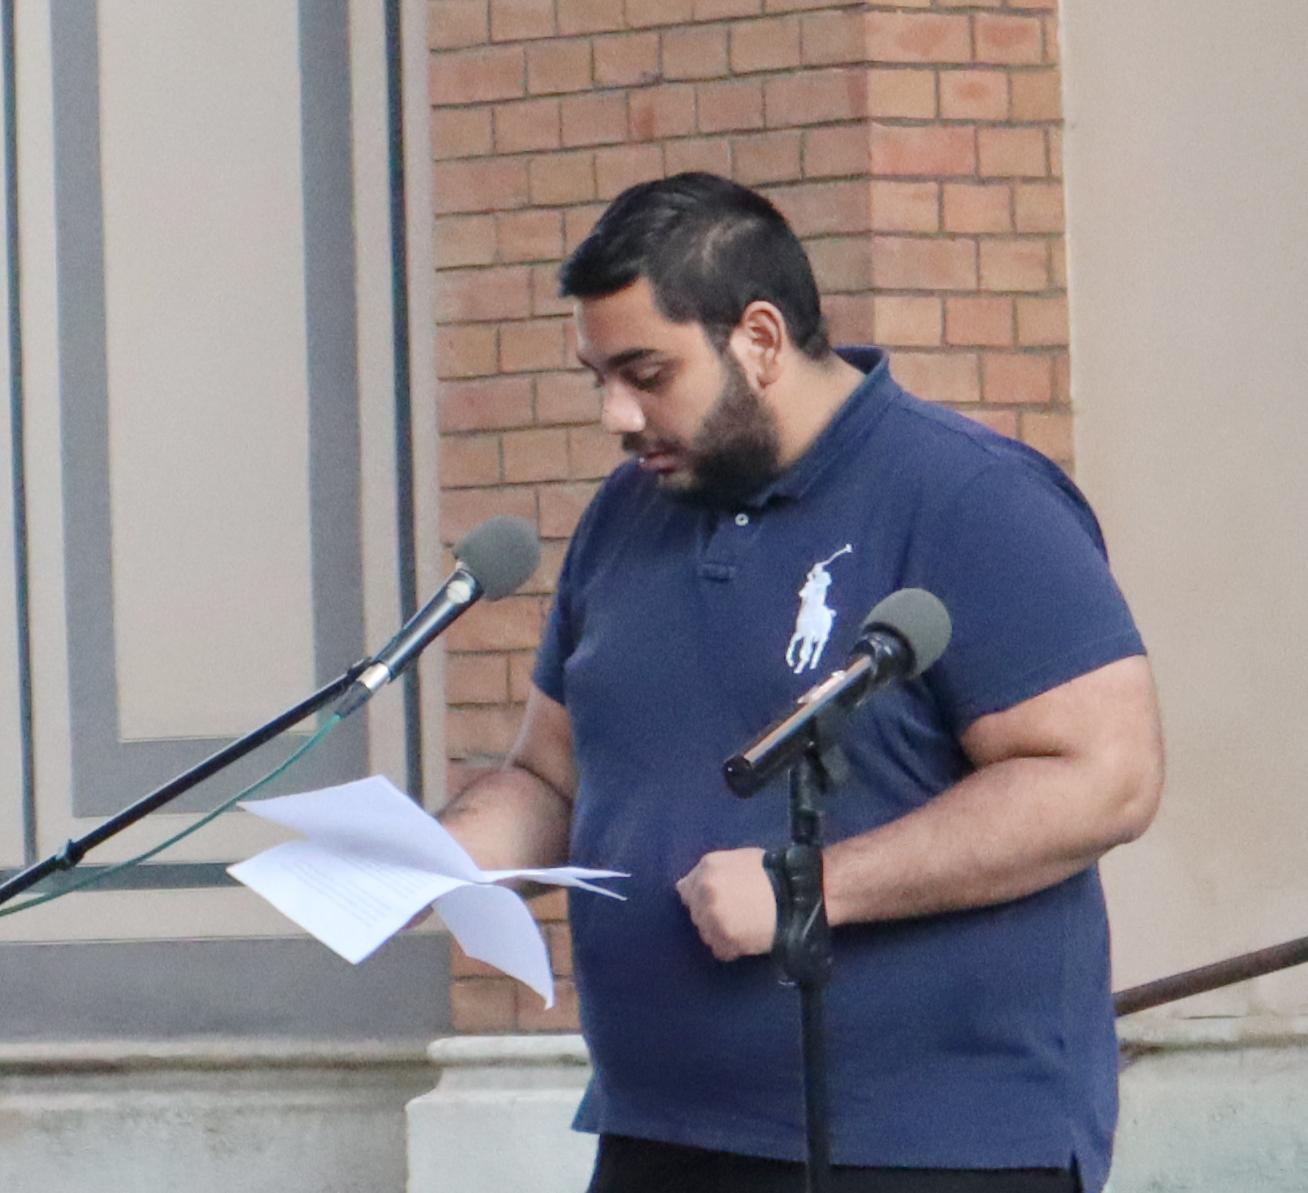 Mario Zurz, einer der Sieger:innen des mehrsprachigen Redebewerbs